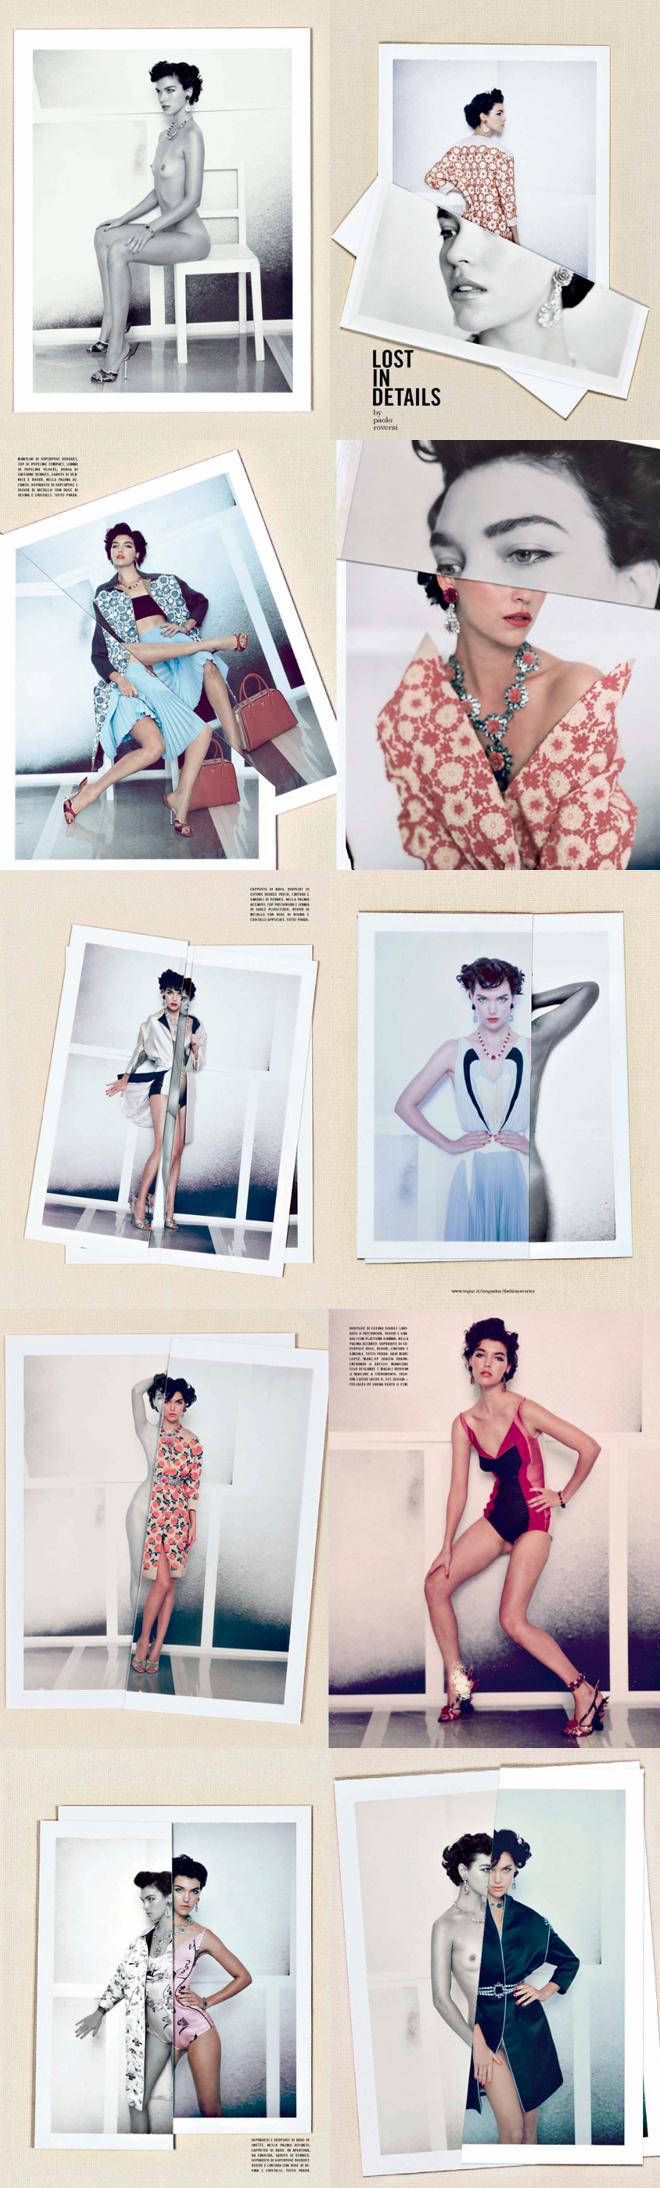 Fashion_Editorial_02